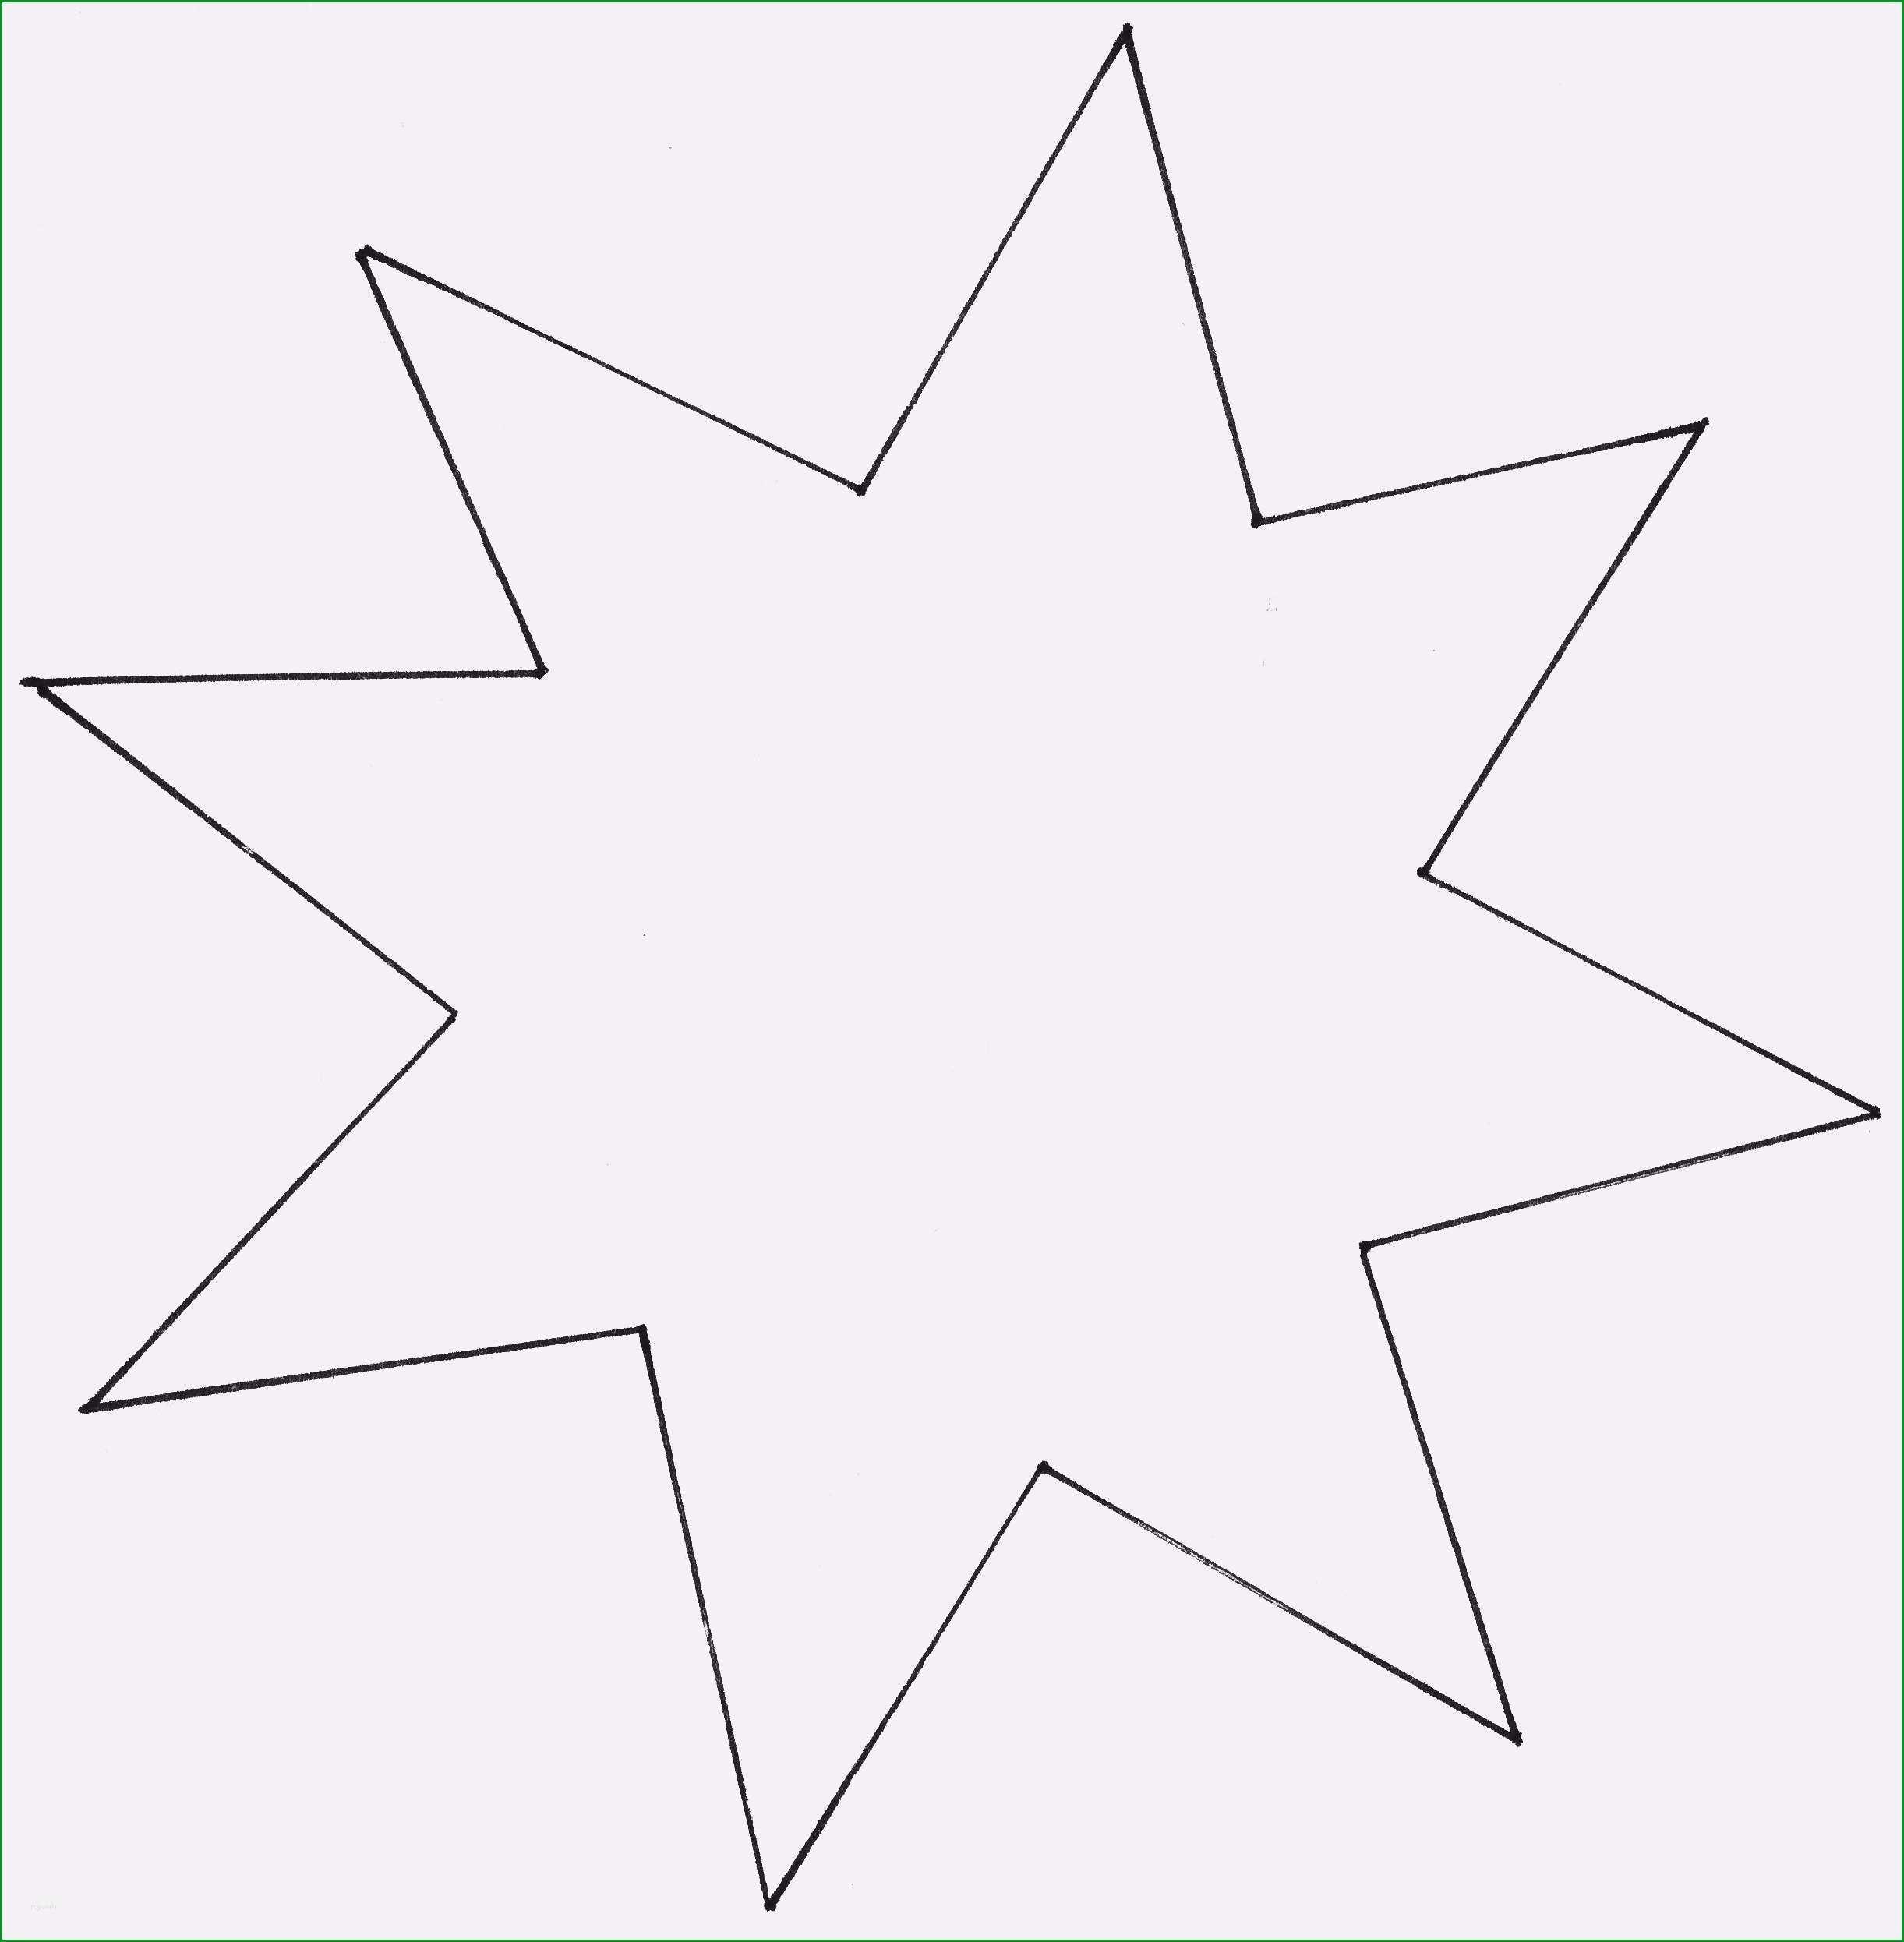 stern vorlage zum ausdrucken elegant ausmalbilder stern kostenlos bei druckvorlage stern